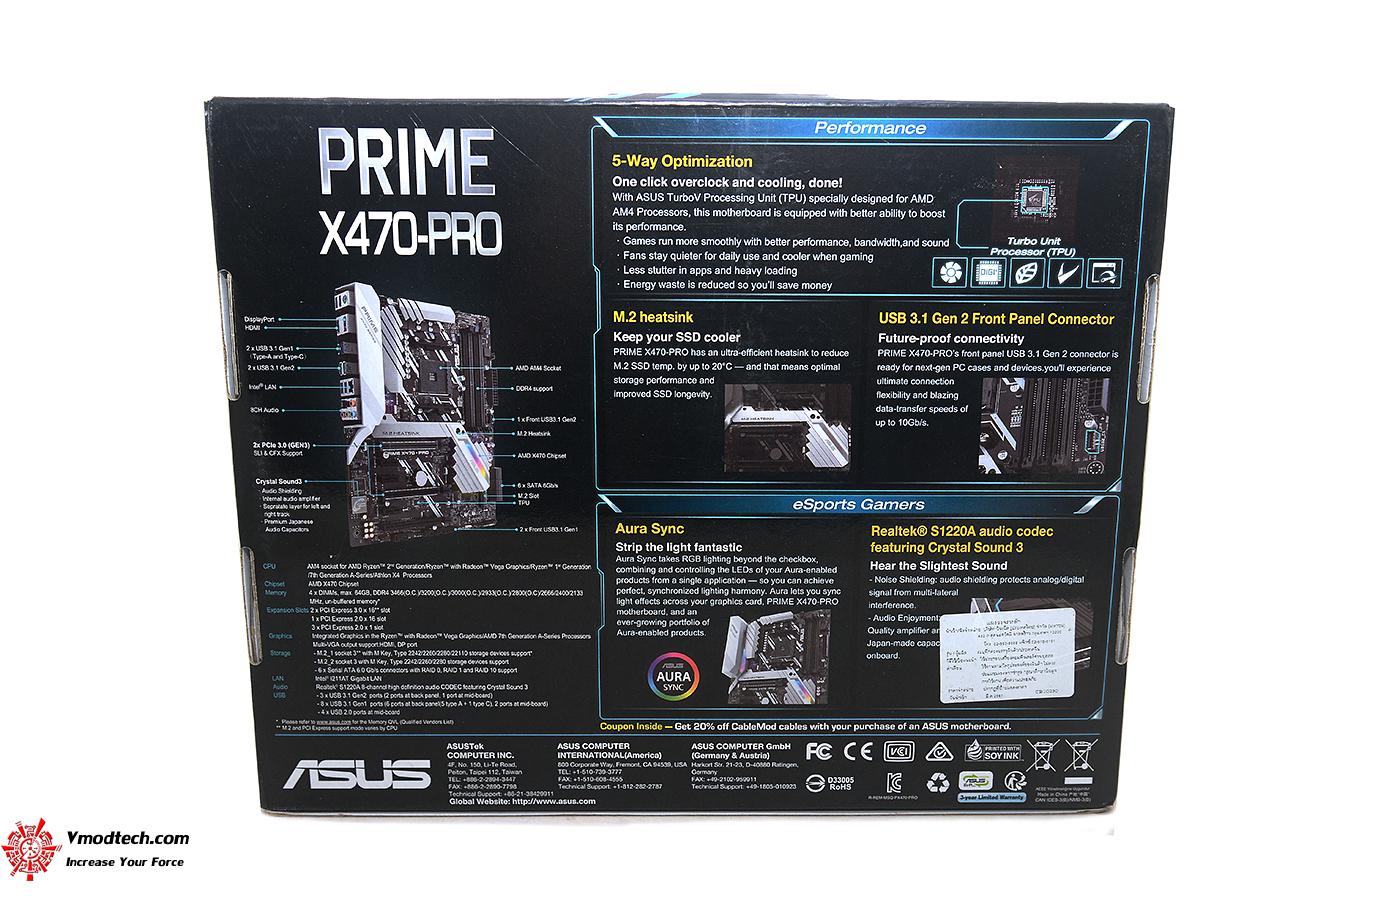 dsc 1834 ASUS PRIME X470 PRO REVIEW